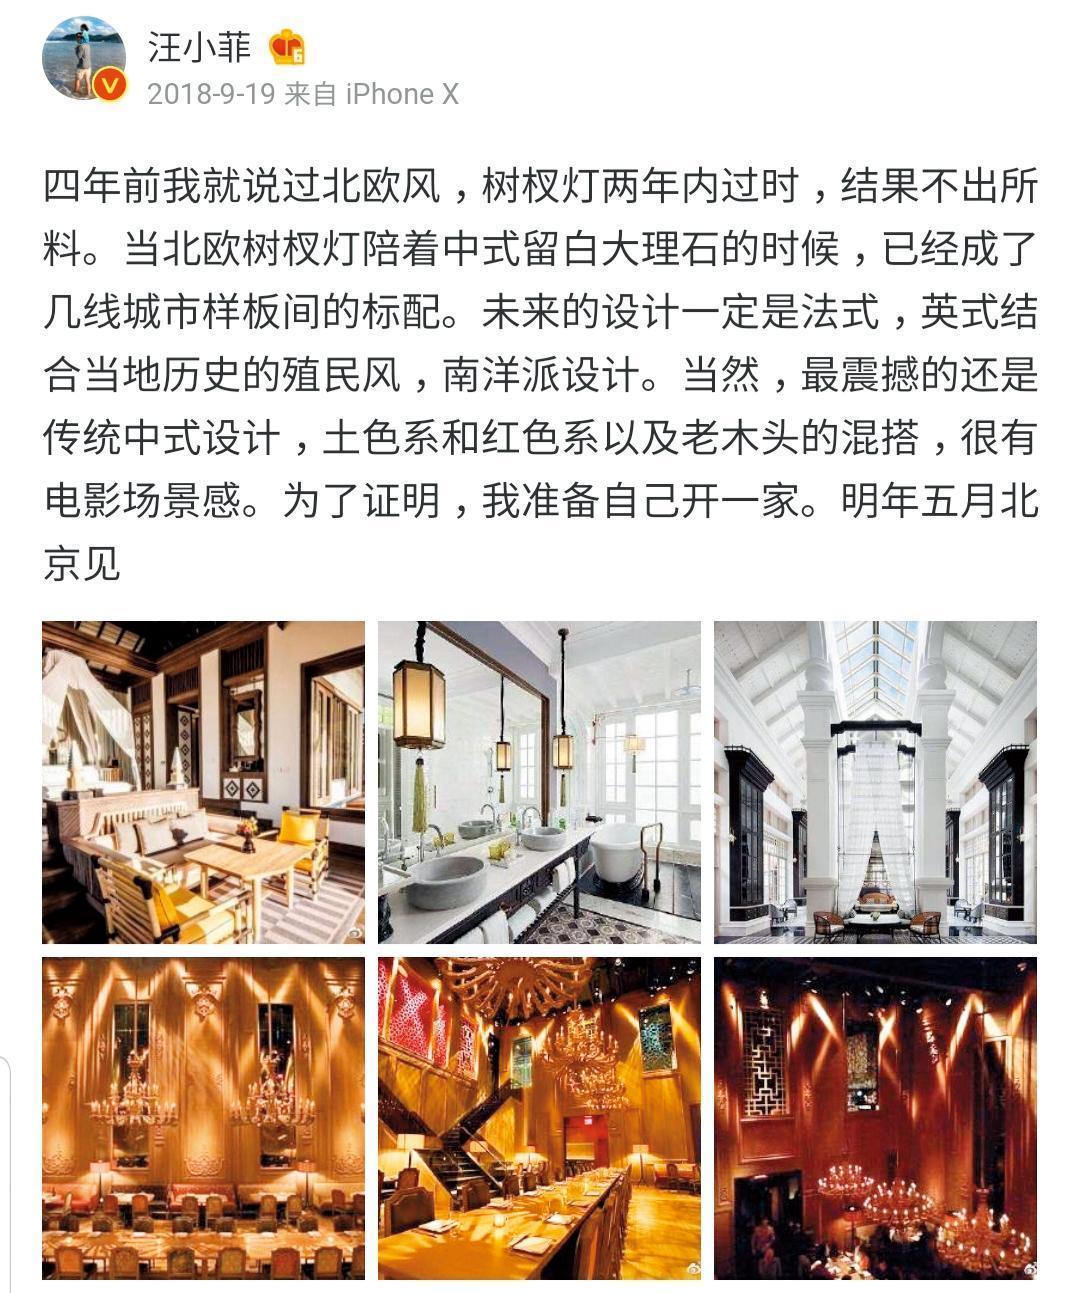 汪小菲發文評論裝潢風格,看來對於自己的品味很有信心,而且創業野心雄厚,還想在北京開飯店。(翻攝自汪小菲微博)